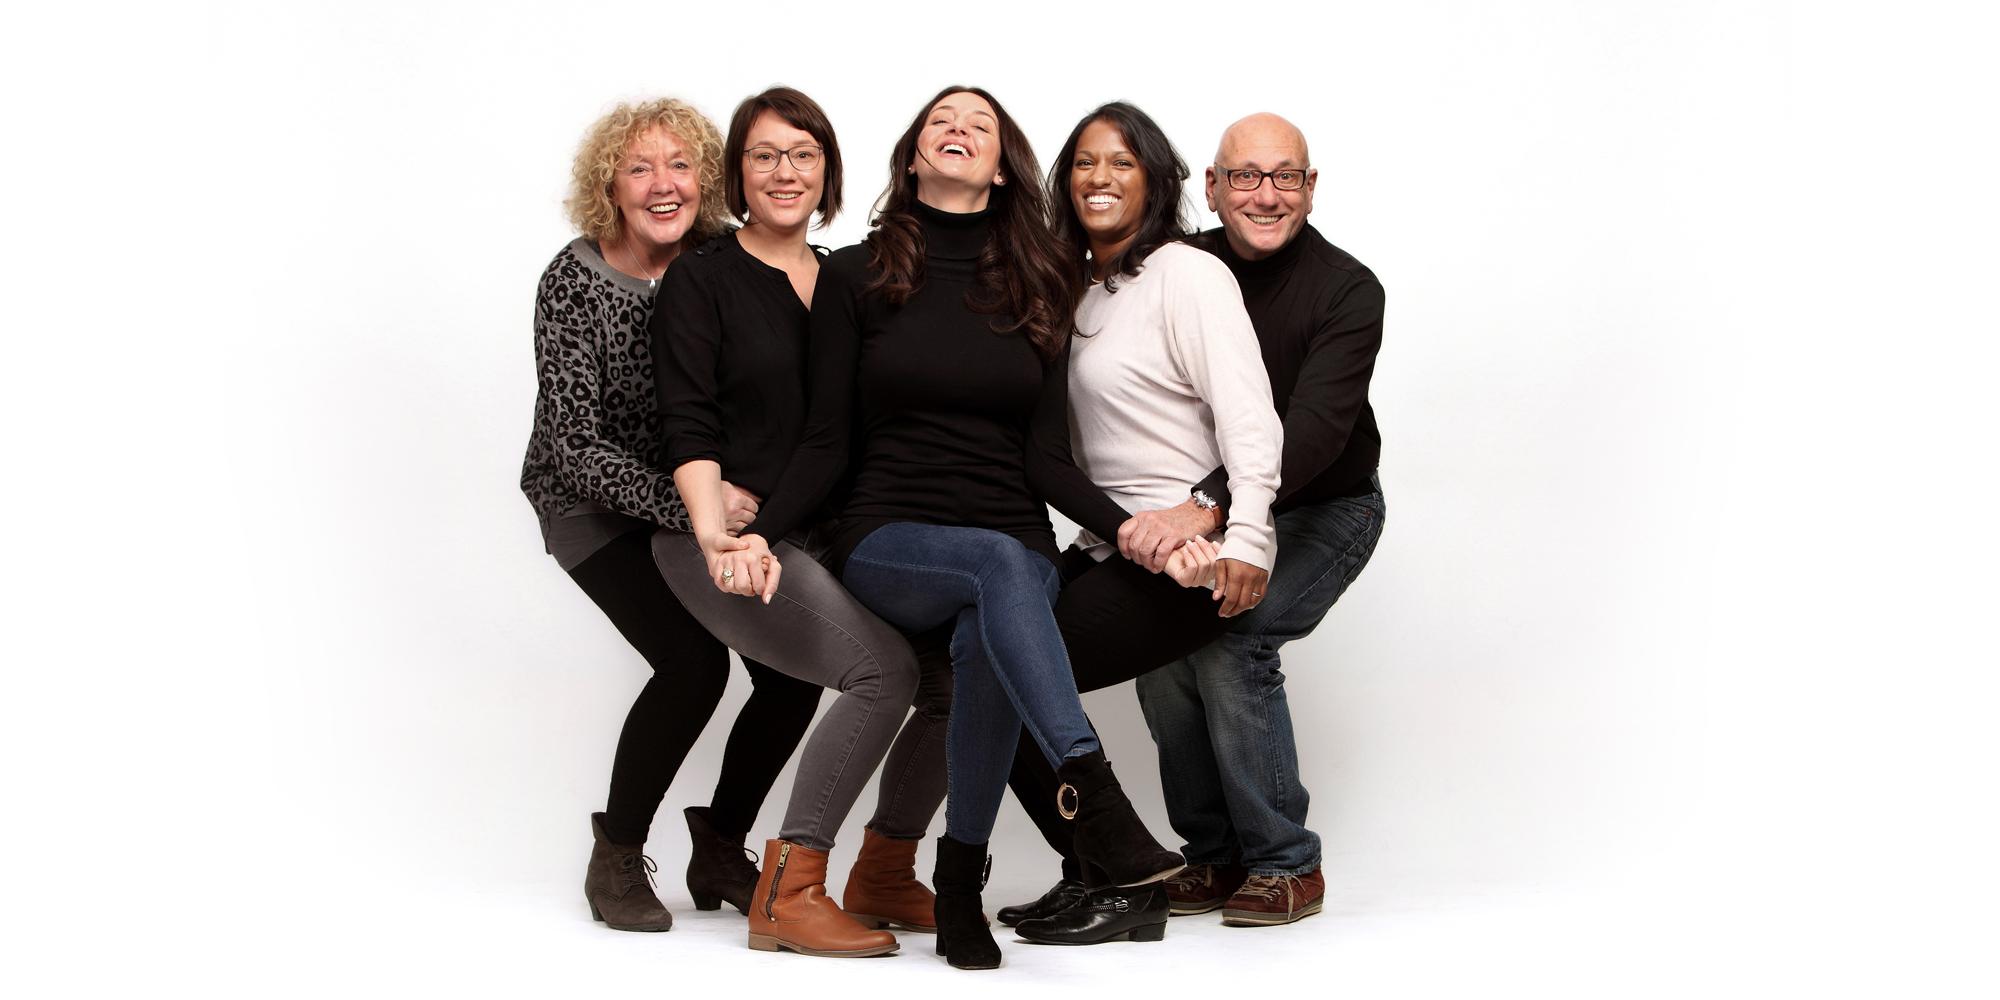 Farbportrait von vier Frauen und einem Mann, die fröhlich lachen und ihre Knie und Arme verschränkt halten, um eine sitzende Position einzunehmen.